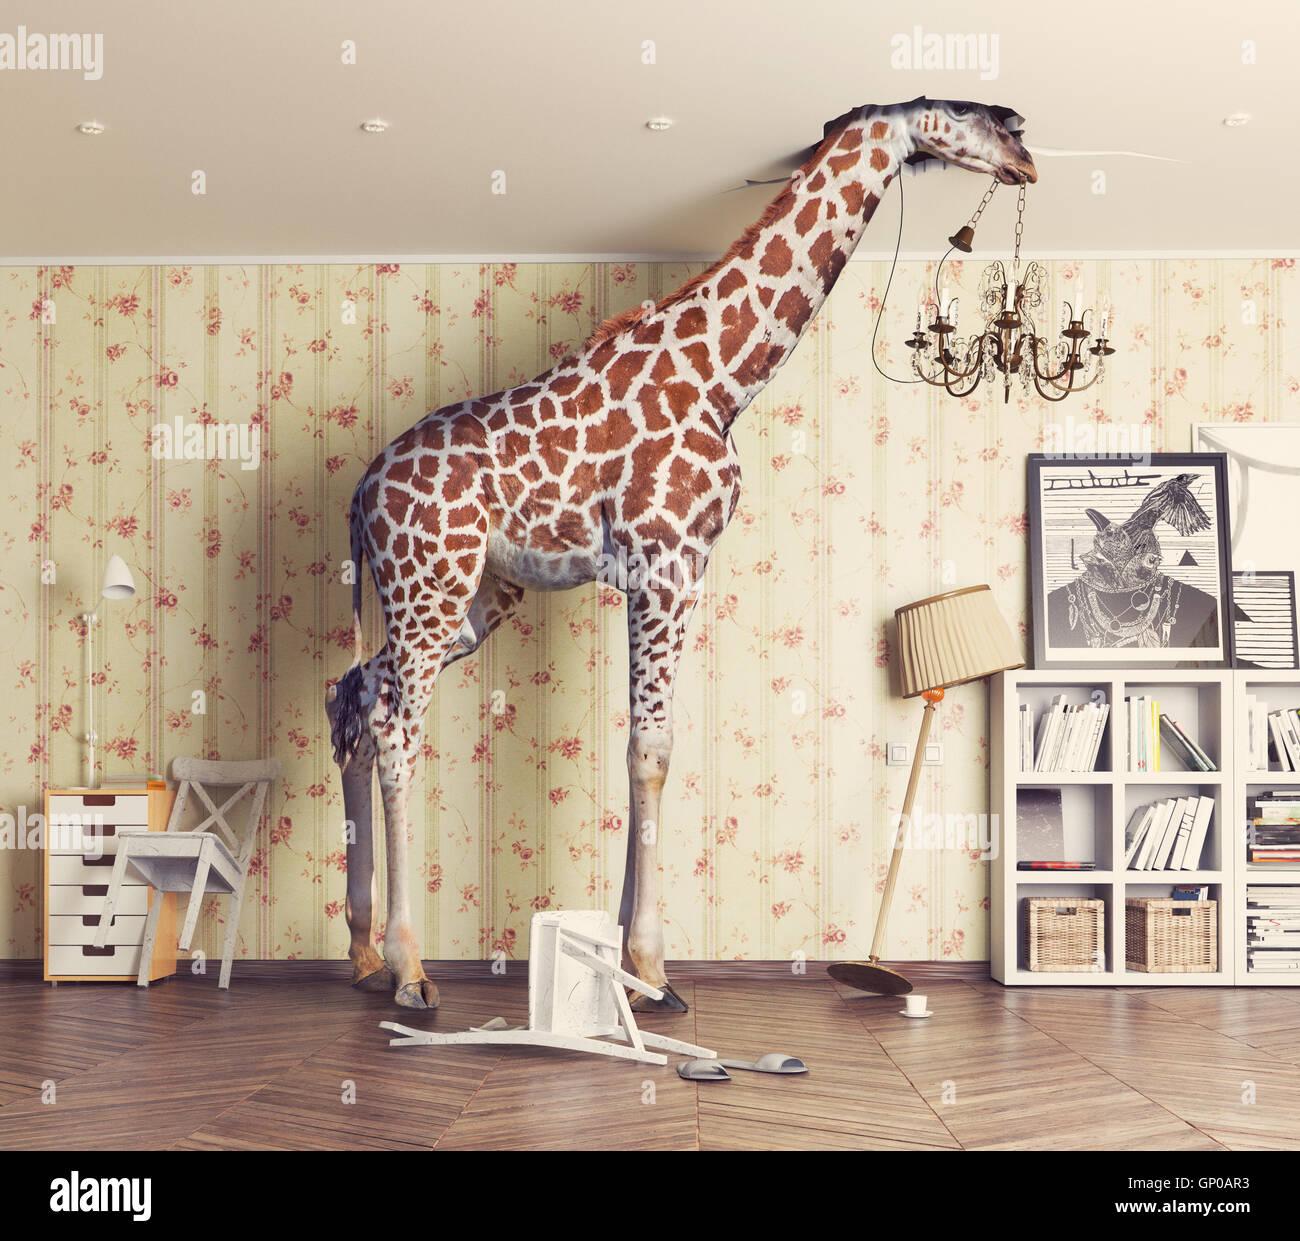 Giraffe bricht die Decke im Wohnzimmer. Fotografie-Kombination-Konzept Stockbild